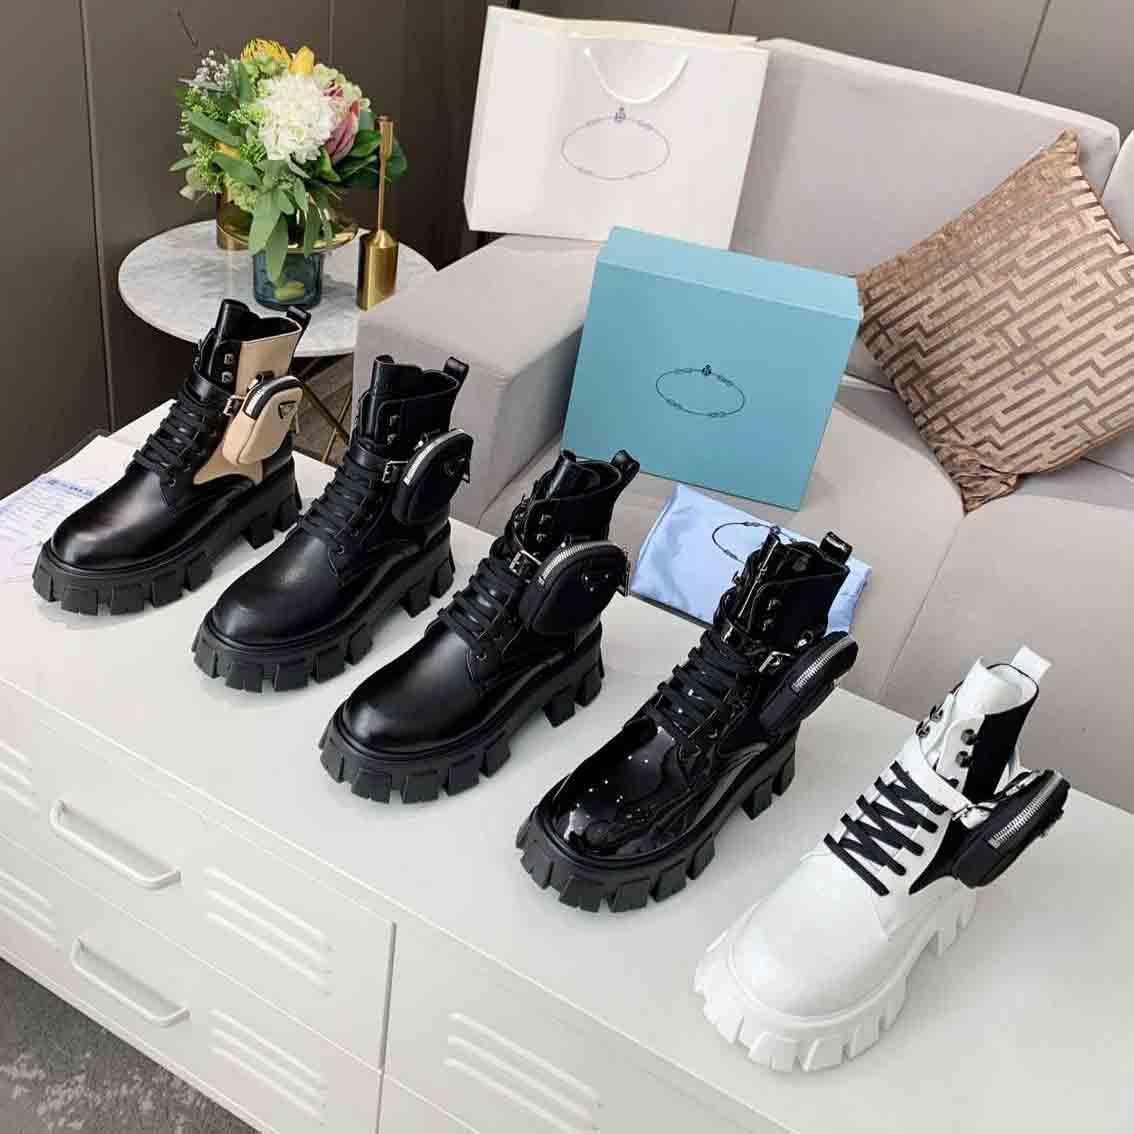 النساء المصممين Rois Ankle Martin الأحذية والنايلون التمهيد العسكرية مستوحاة القتالية القتالية المرفقة مع أكياس حجم 35-41